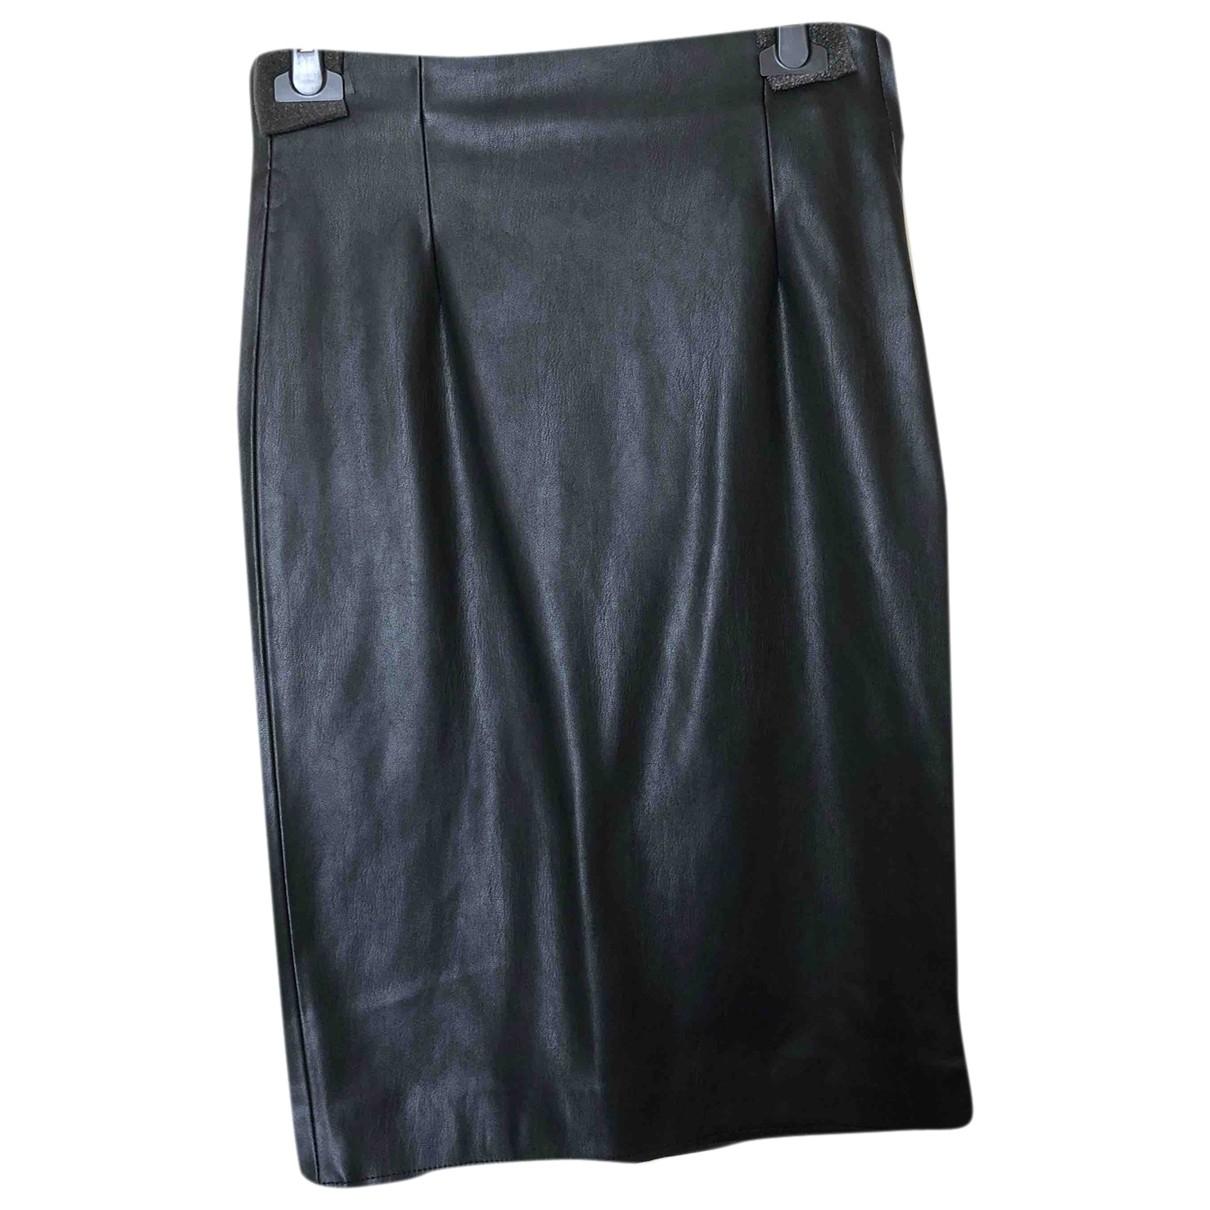 Zara \N Black Leather skirt for Women S International